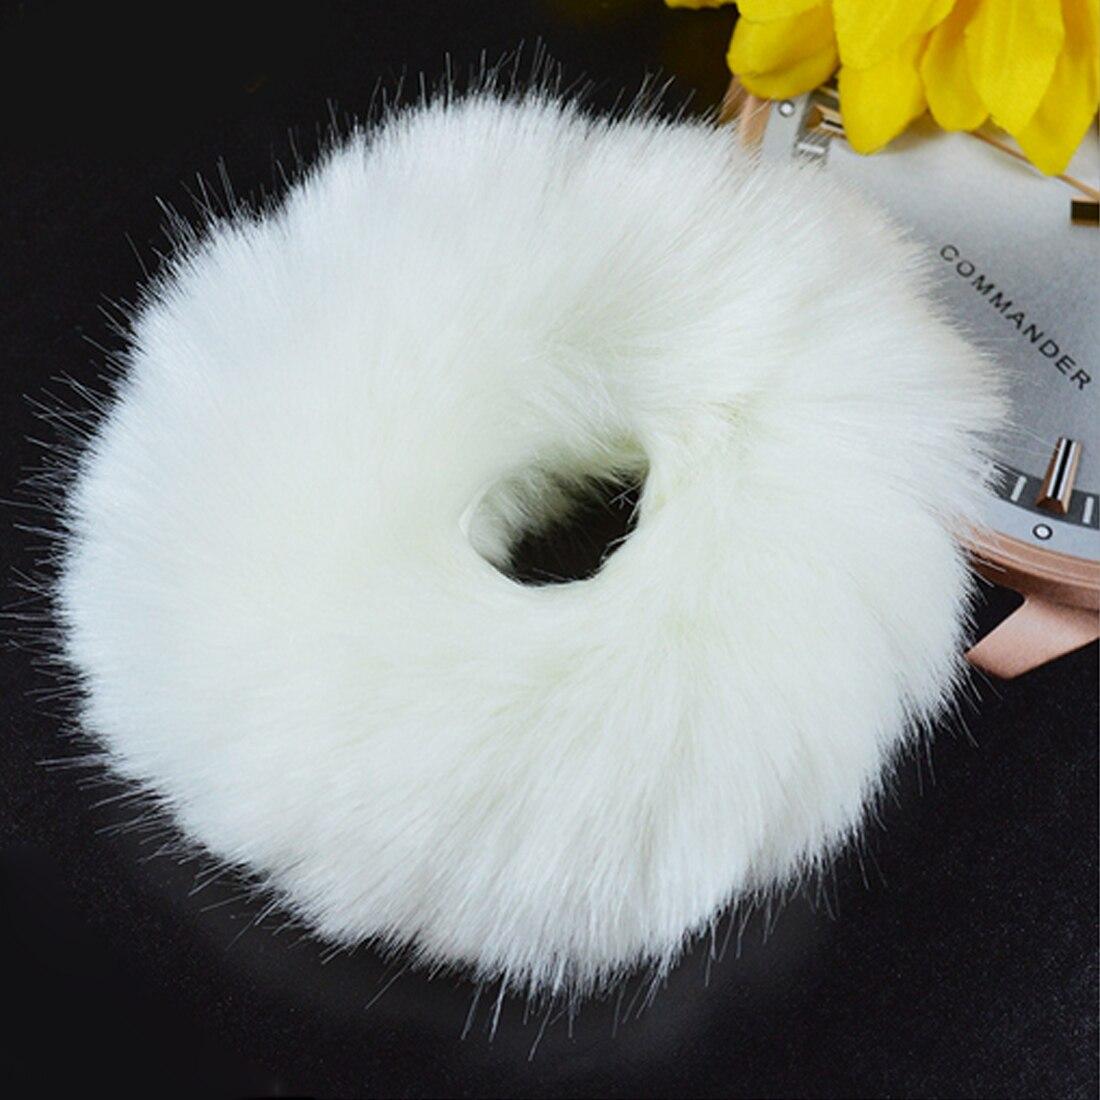 Новинка, настоящая меховая кроличья шерсть, мягкие эластичные резинки для волос для женщин и девочек, милые резинки для волос, резинка для хвоста, модные аксессуары для волос - Цвет: Белый